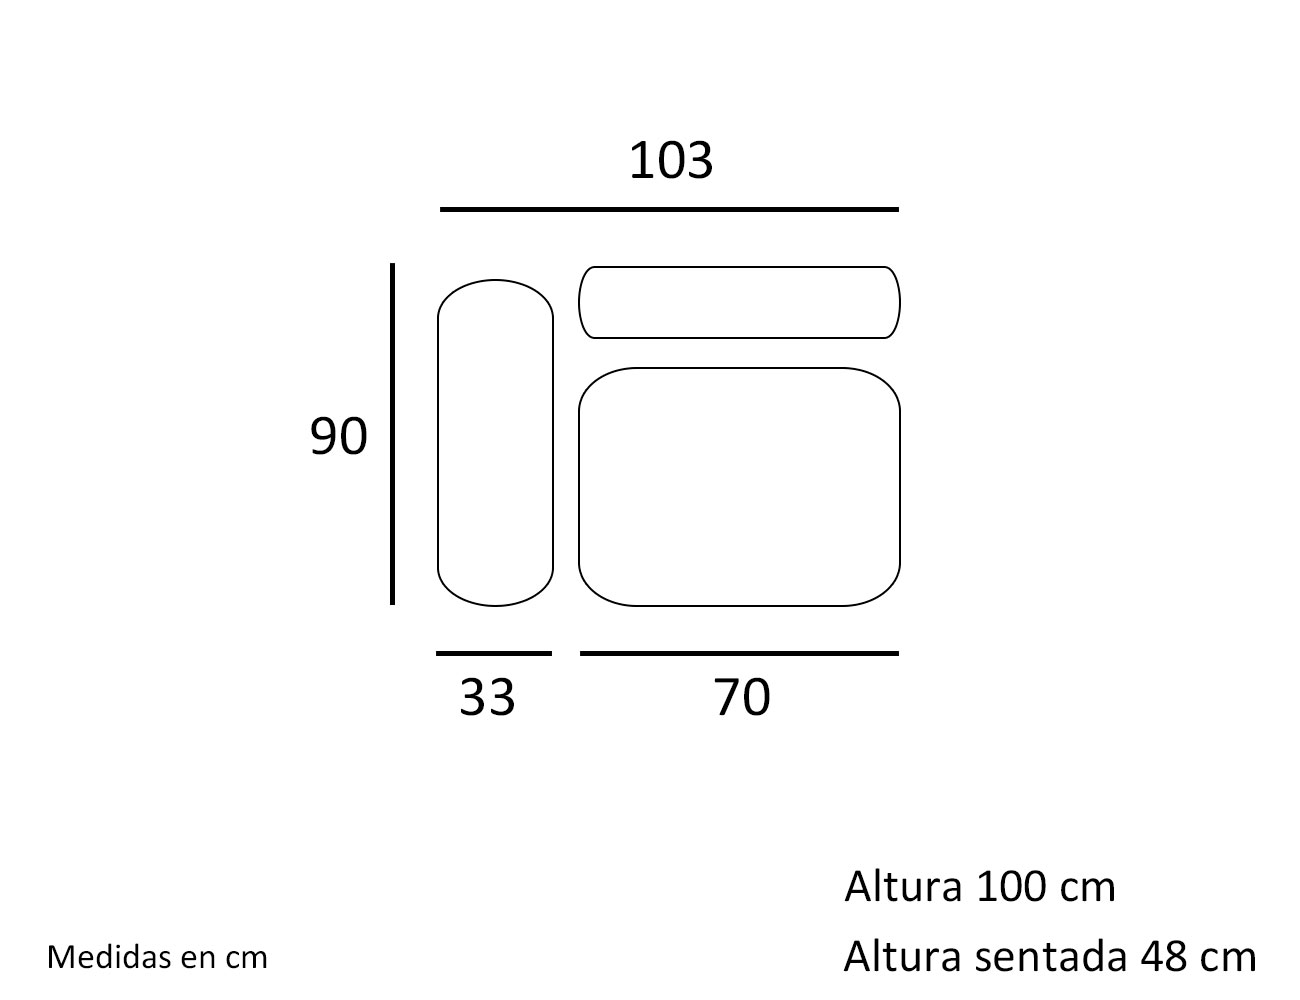 Croquis modulo 1 plaza con 1 brazo 1032